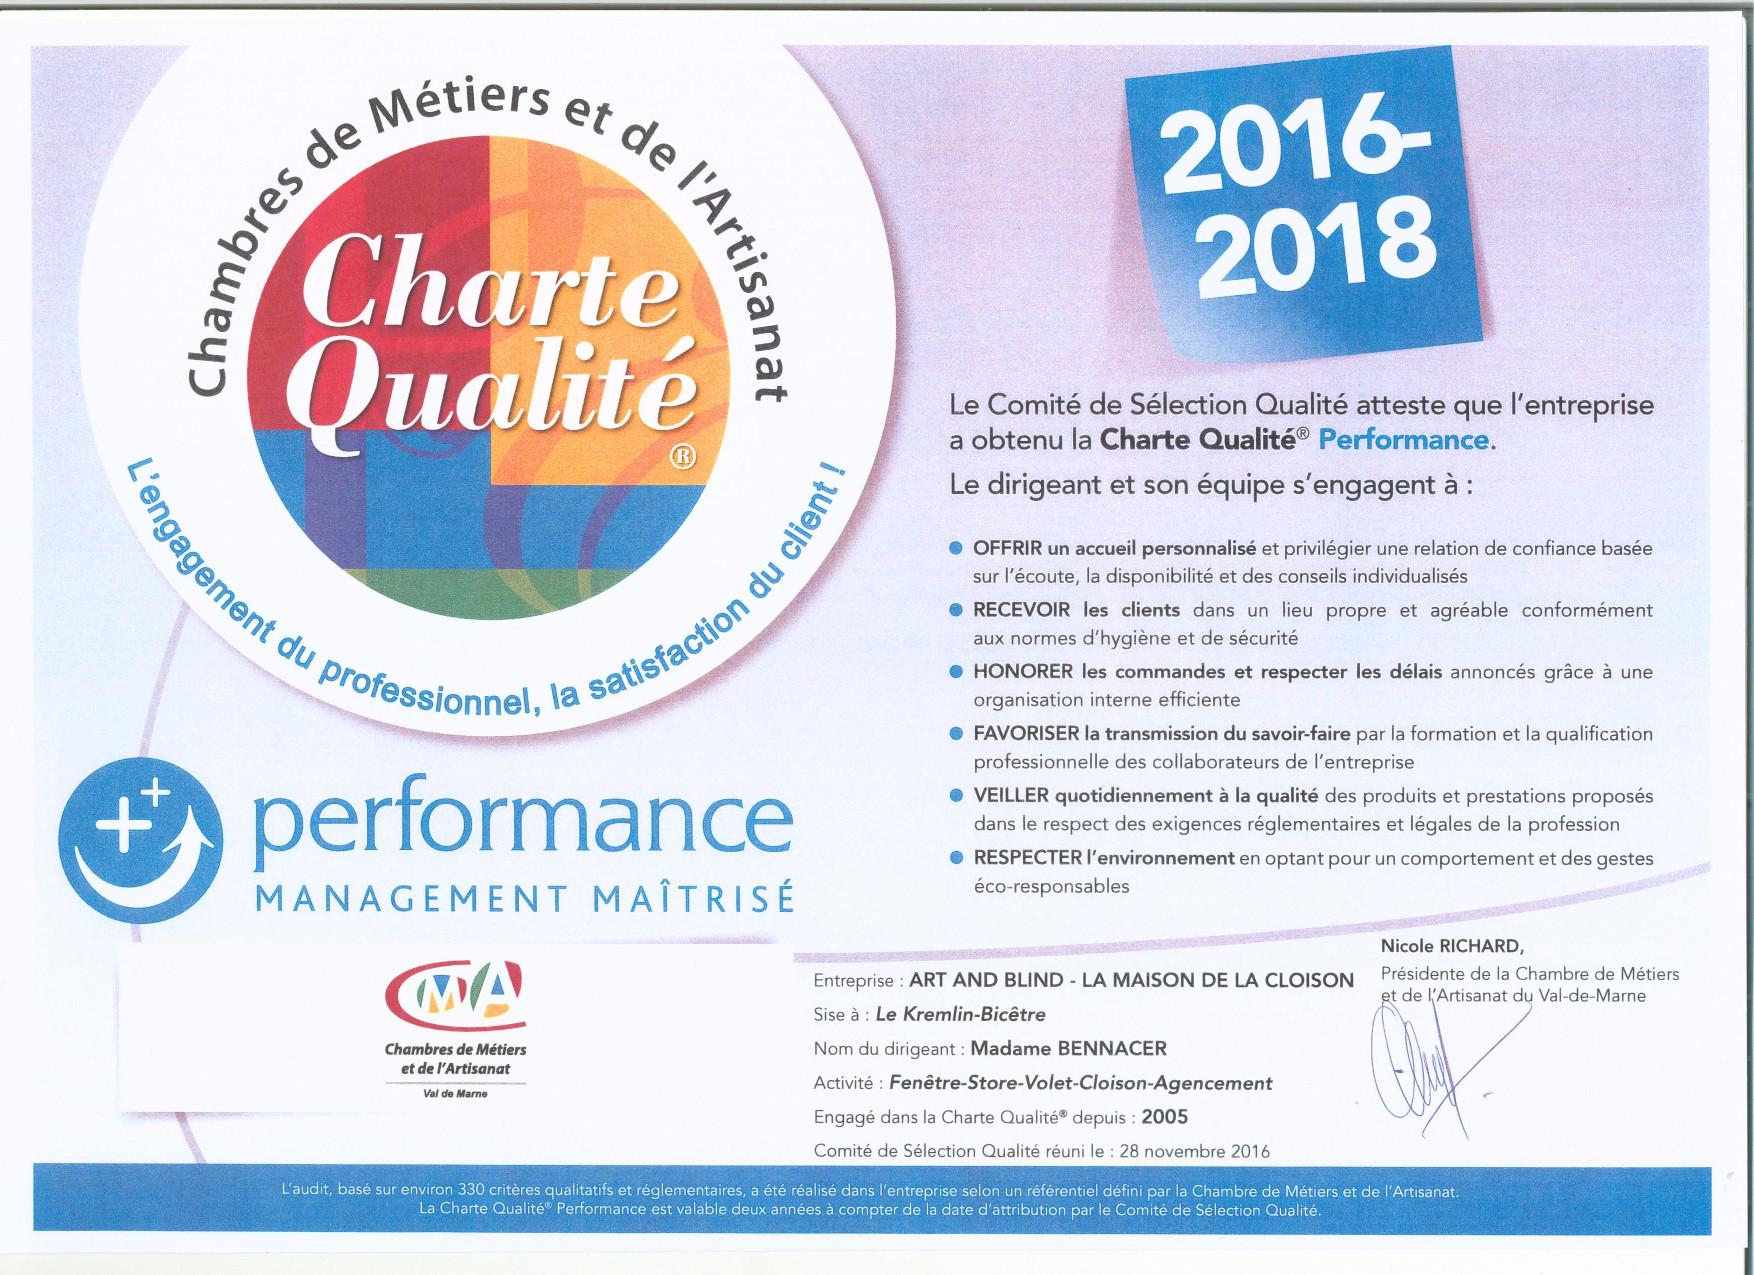 charte qualité Performance 2016-2018